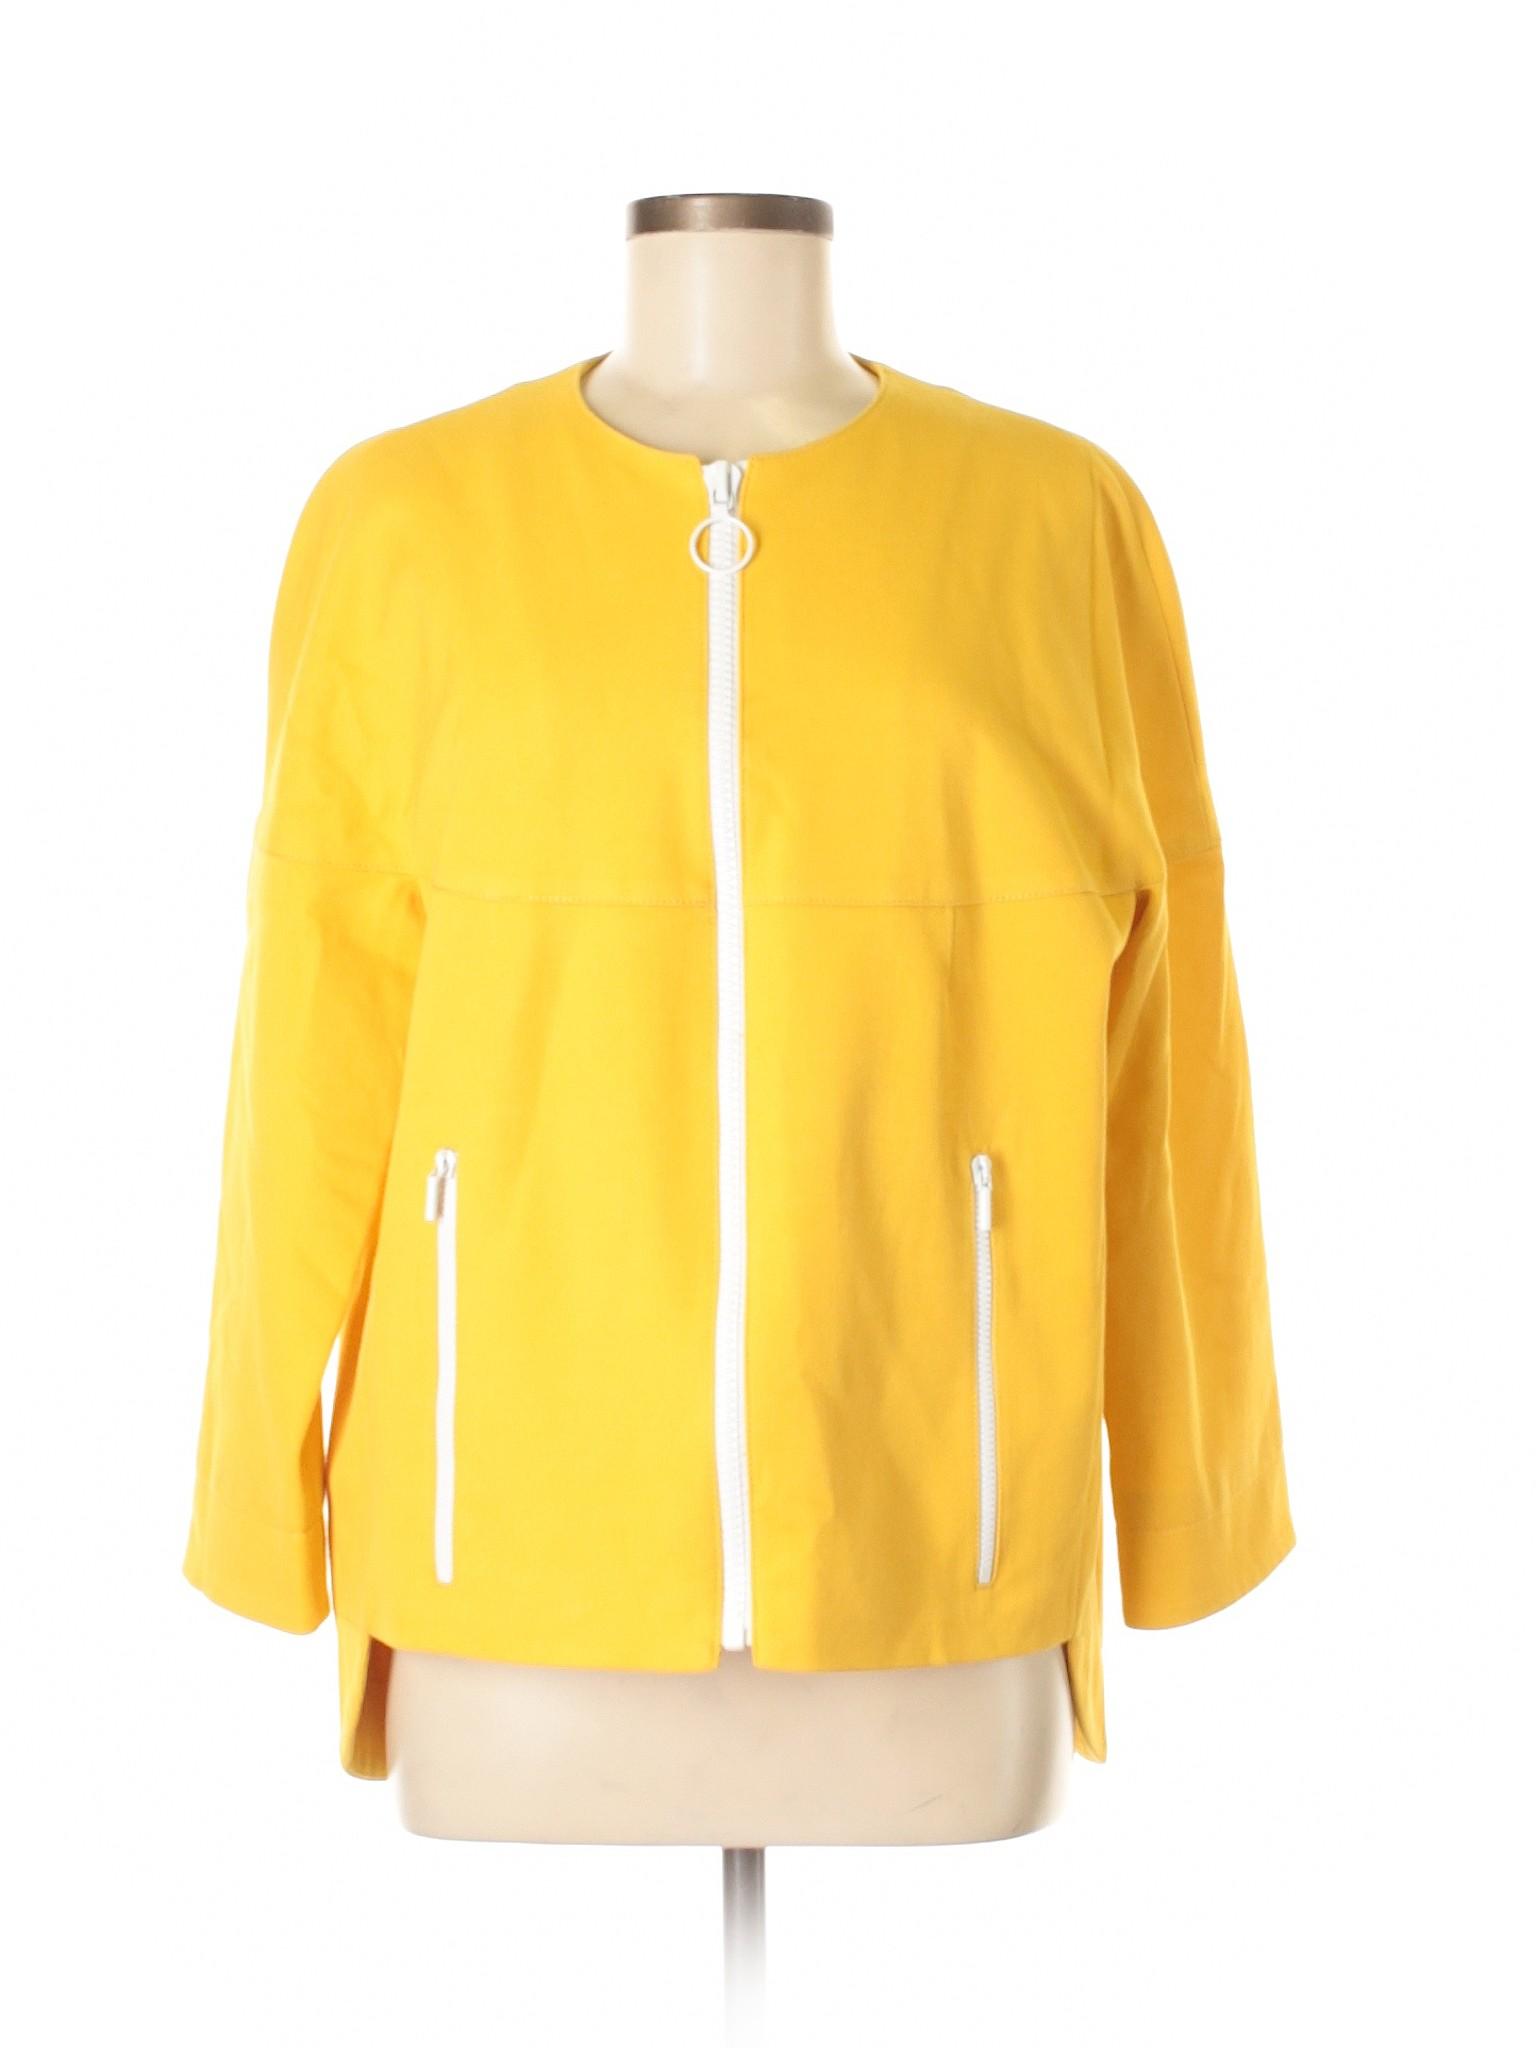 leisure Jacket Boutique Boutique leisure AKRIS Jacket AKRIS AKRIS Boutique leisure Jacket FPwxYq6T